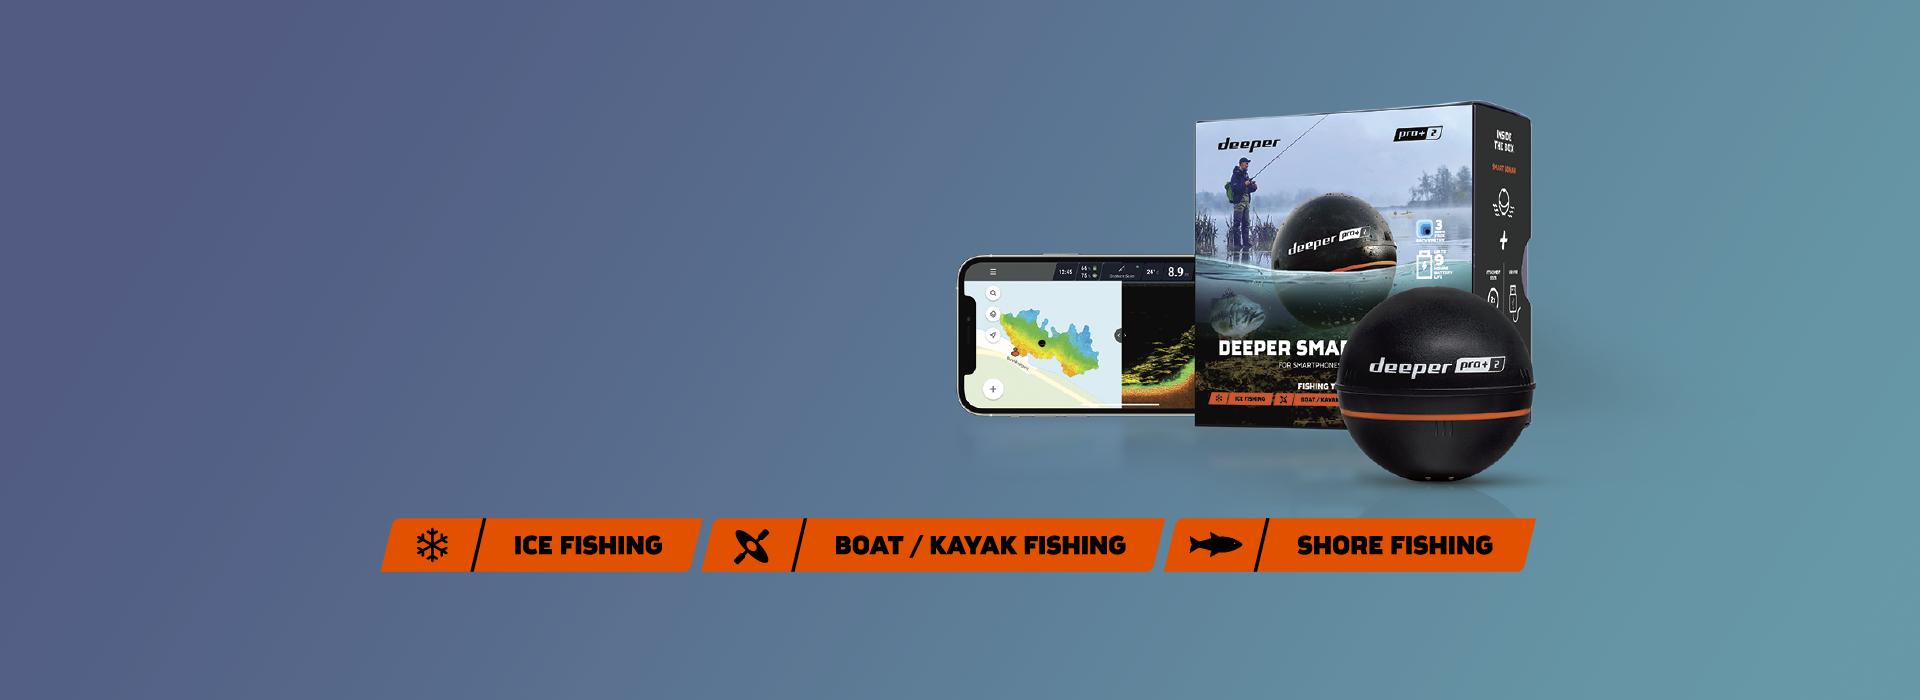 Der neue Deeper PRO+ 2!  Von Anglern weltweit geliebt. Jetzt überarbeitet und besser denn je.